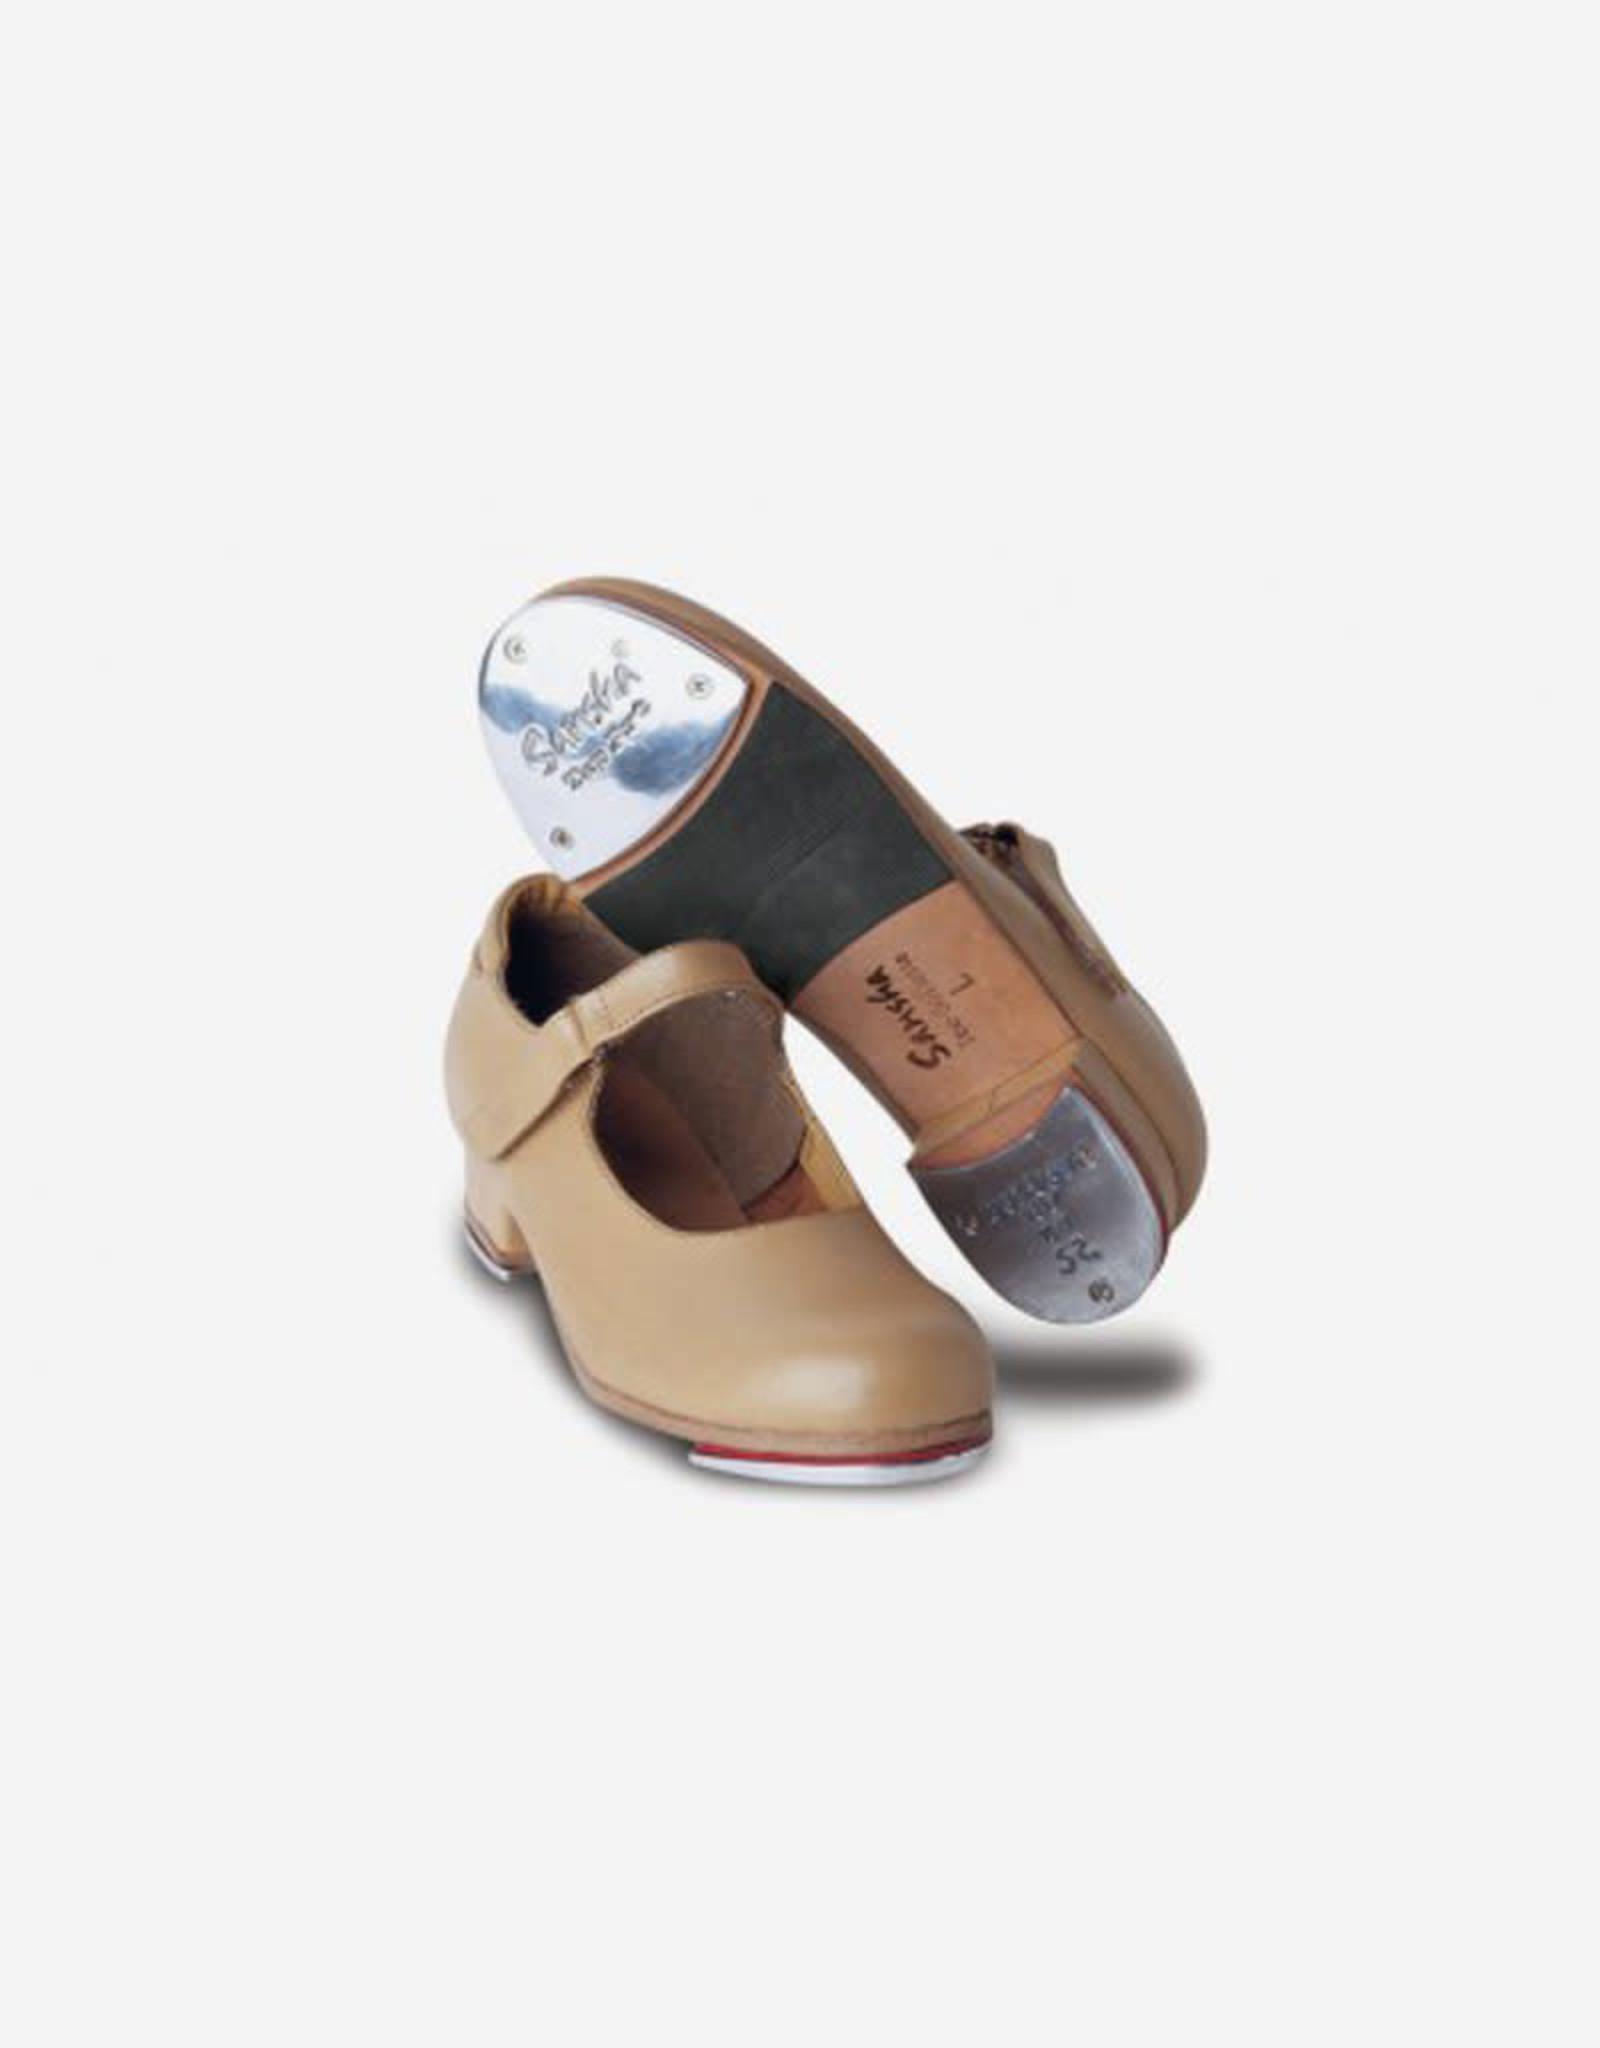 Sansha Tee-Sofiette Shoes TA24